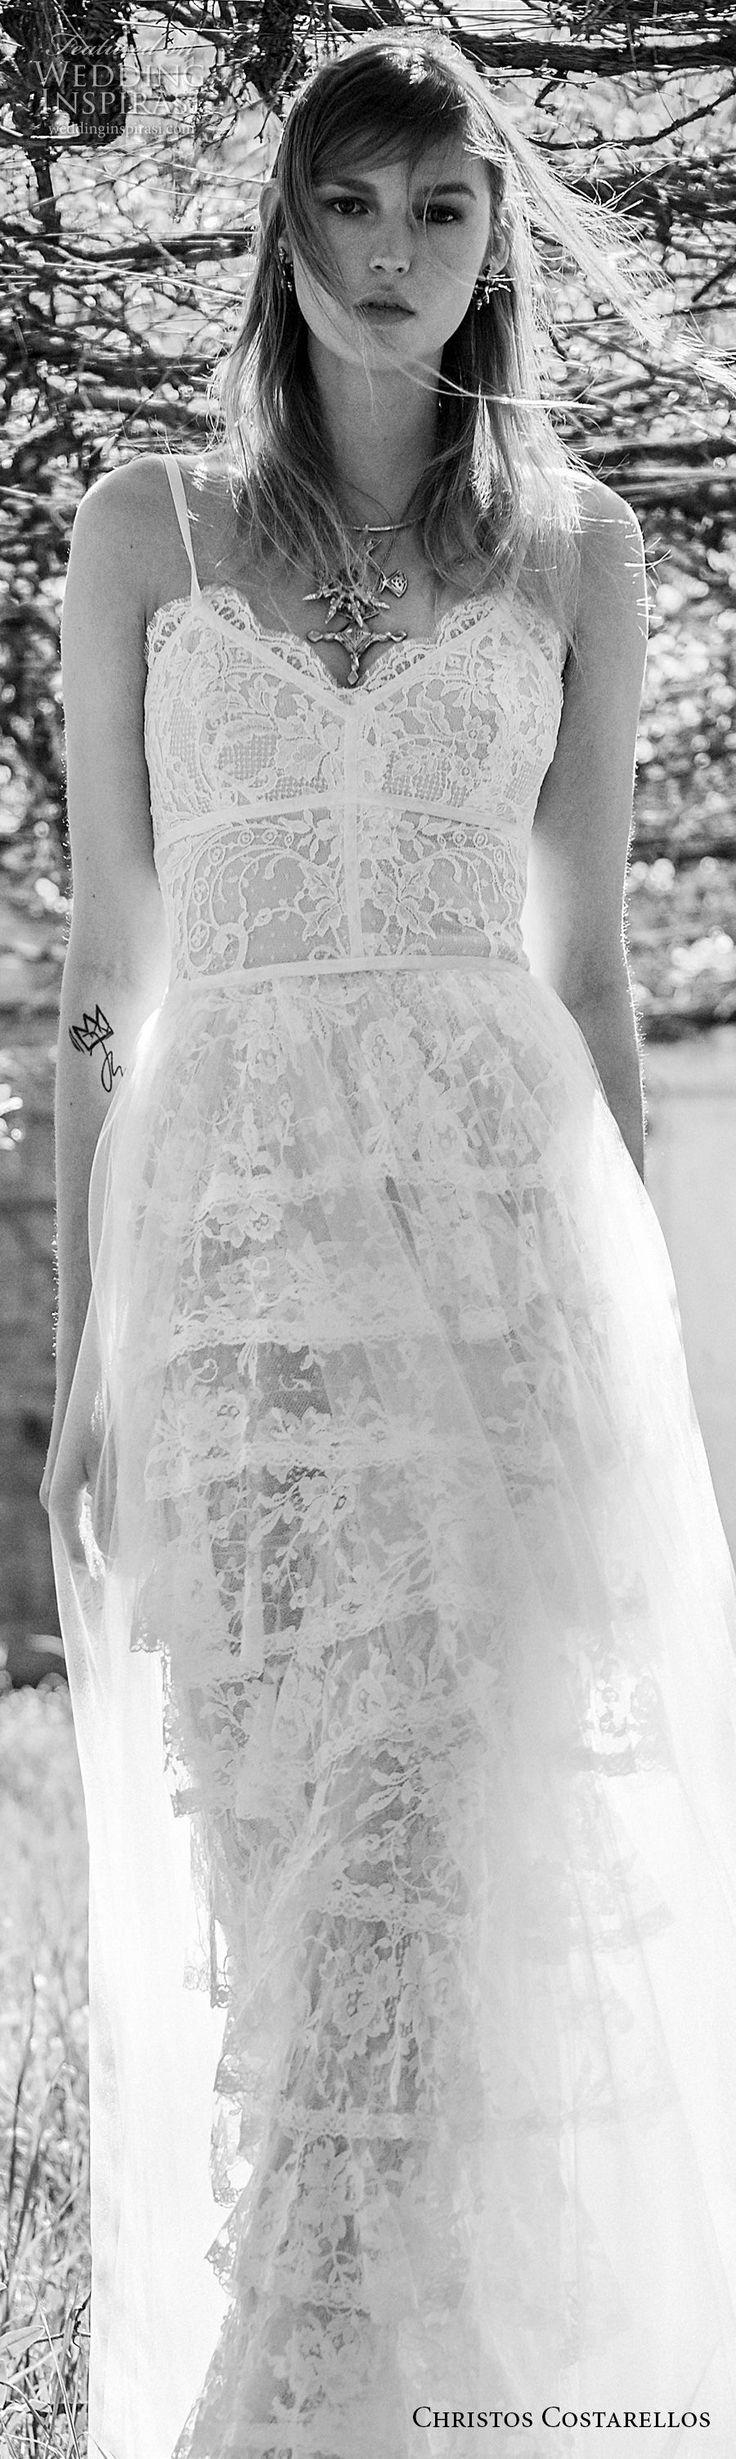 36 besten Hochzeit Bilder auf Pinterest | Hochzeitskleider ...